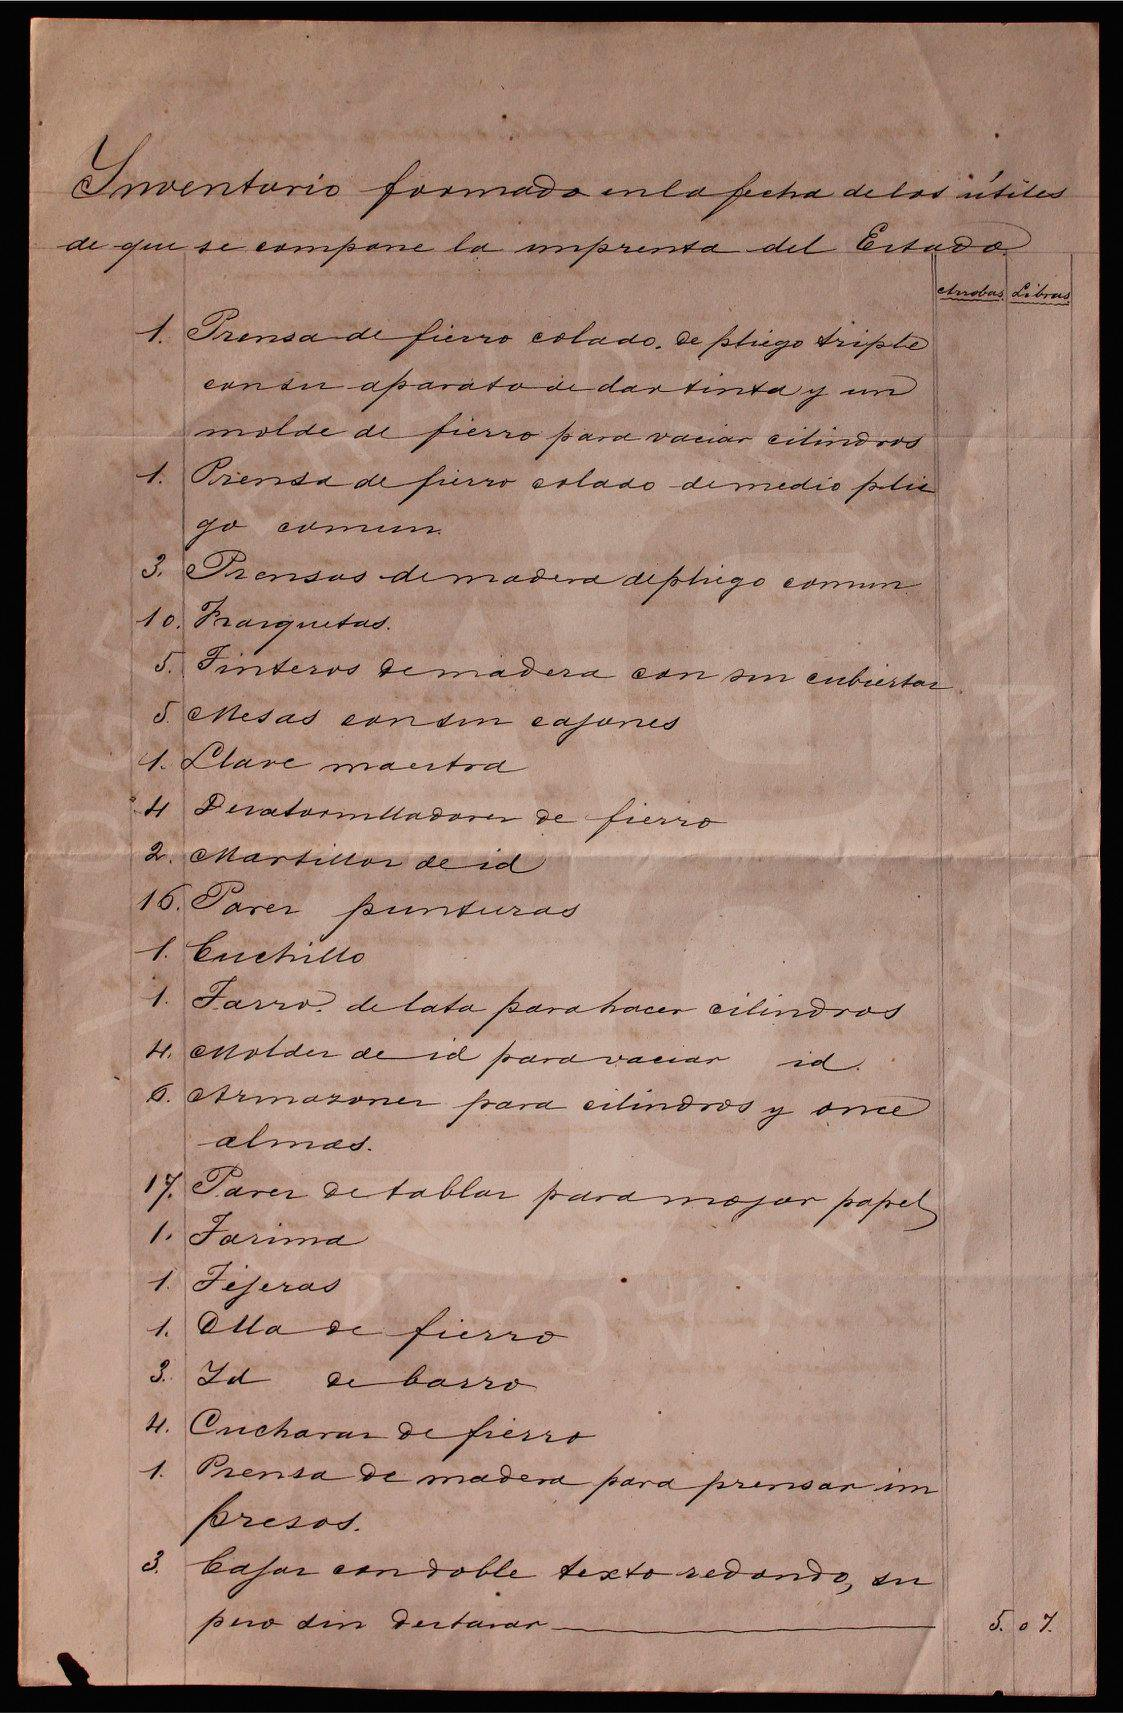 La imprenta del estado en el Archivo General del Estado de Oaxaca.